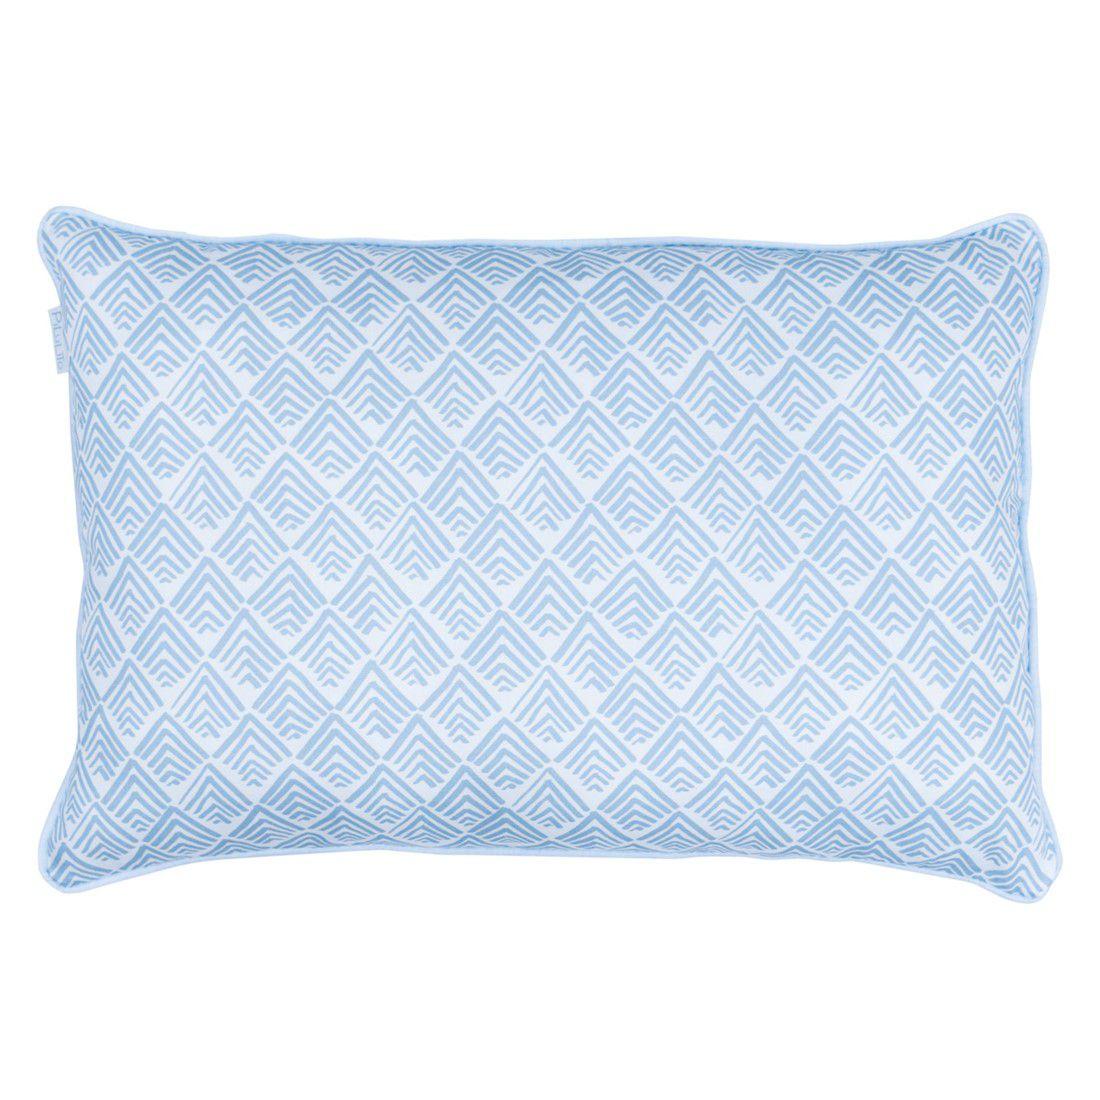 Capa de almofada de cabeceira 60x40cm oca azul céu